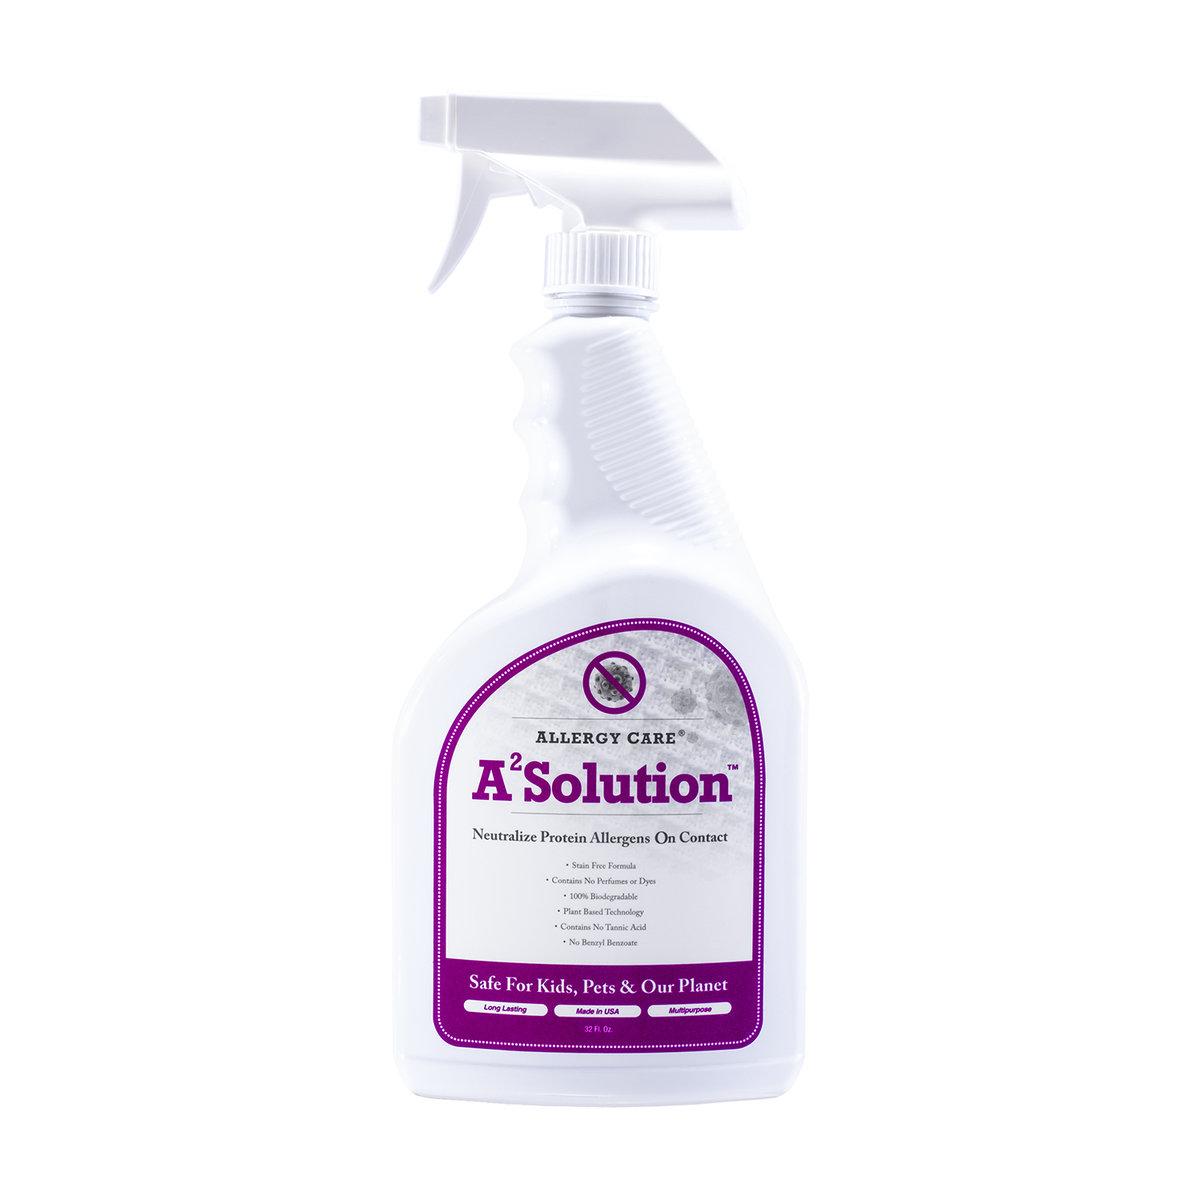 A²Solution Protein Allergen Neutralizer -32oz